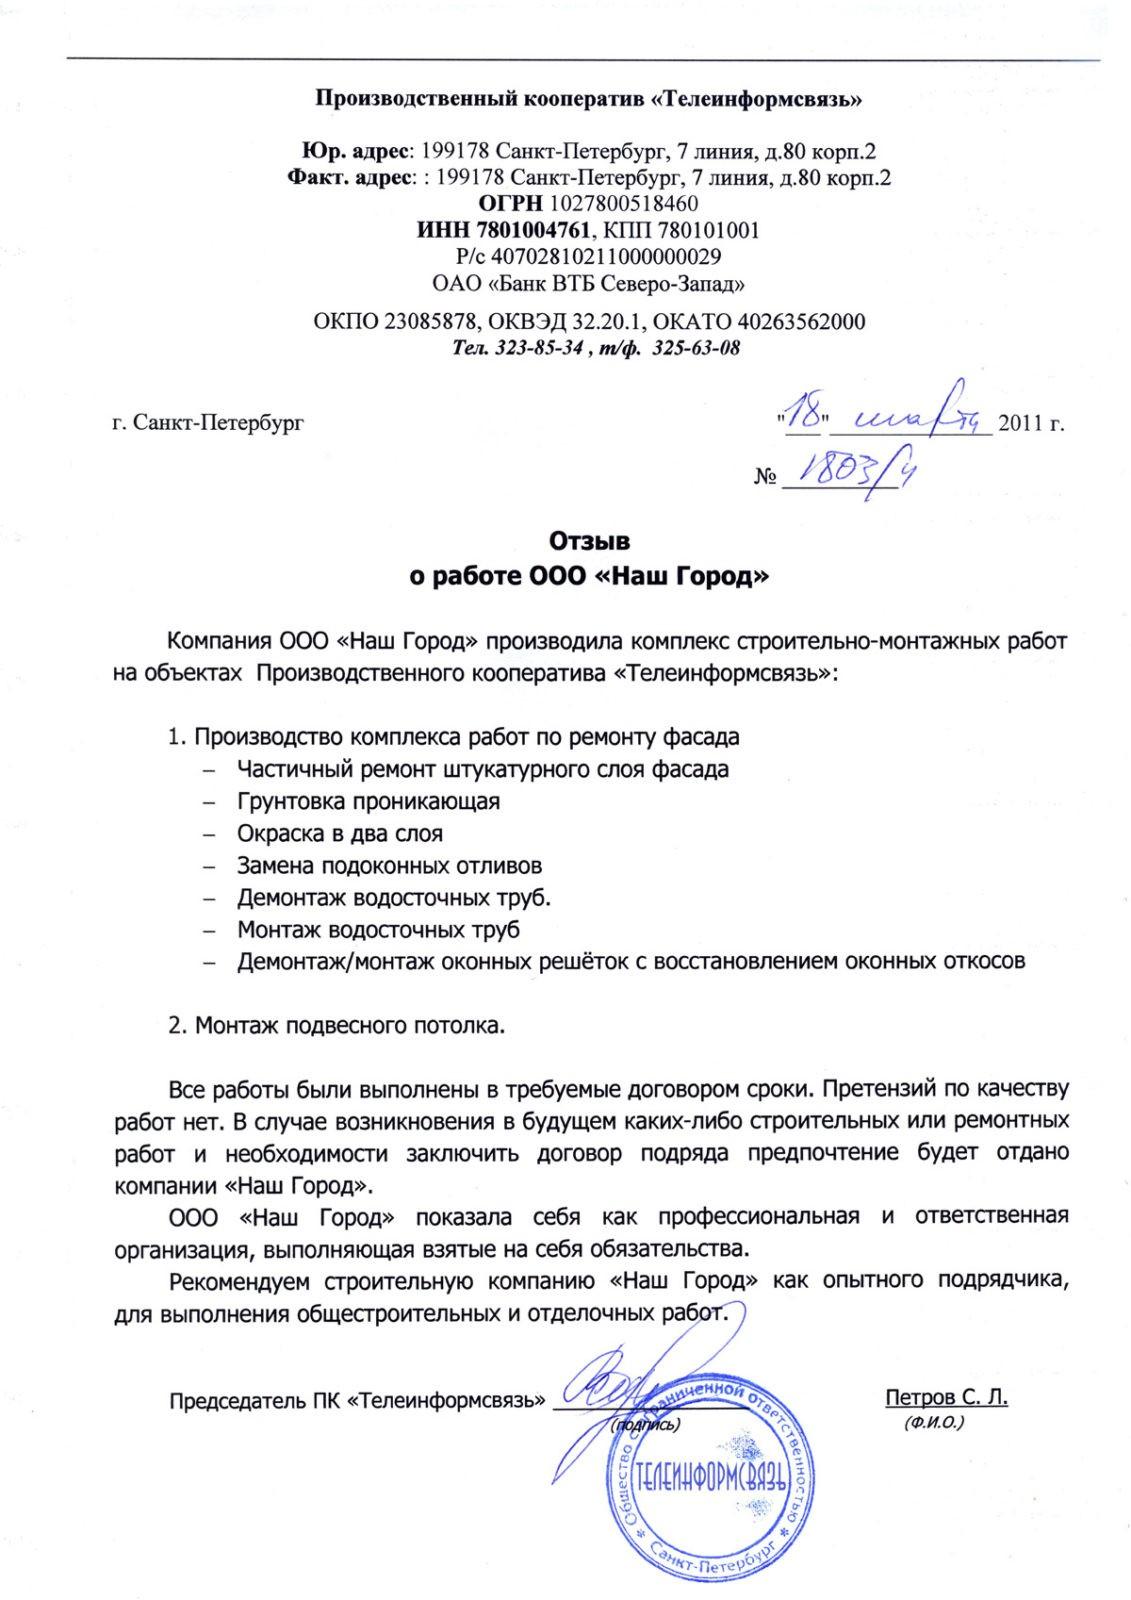 """Отзыв """"Телеинформсвязь"""" о работе ООО """"Наш город"""""""